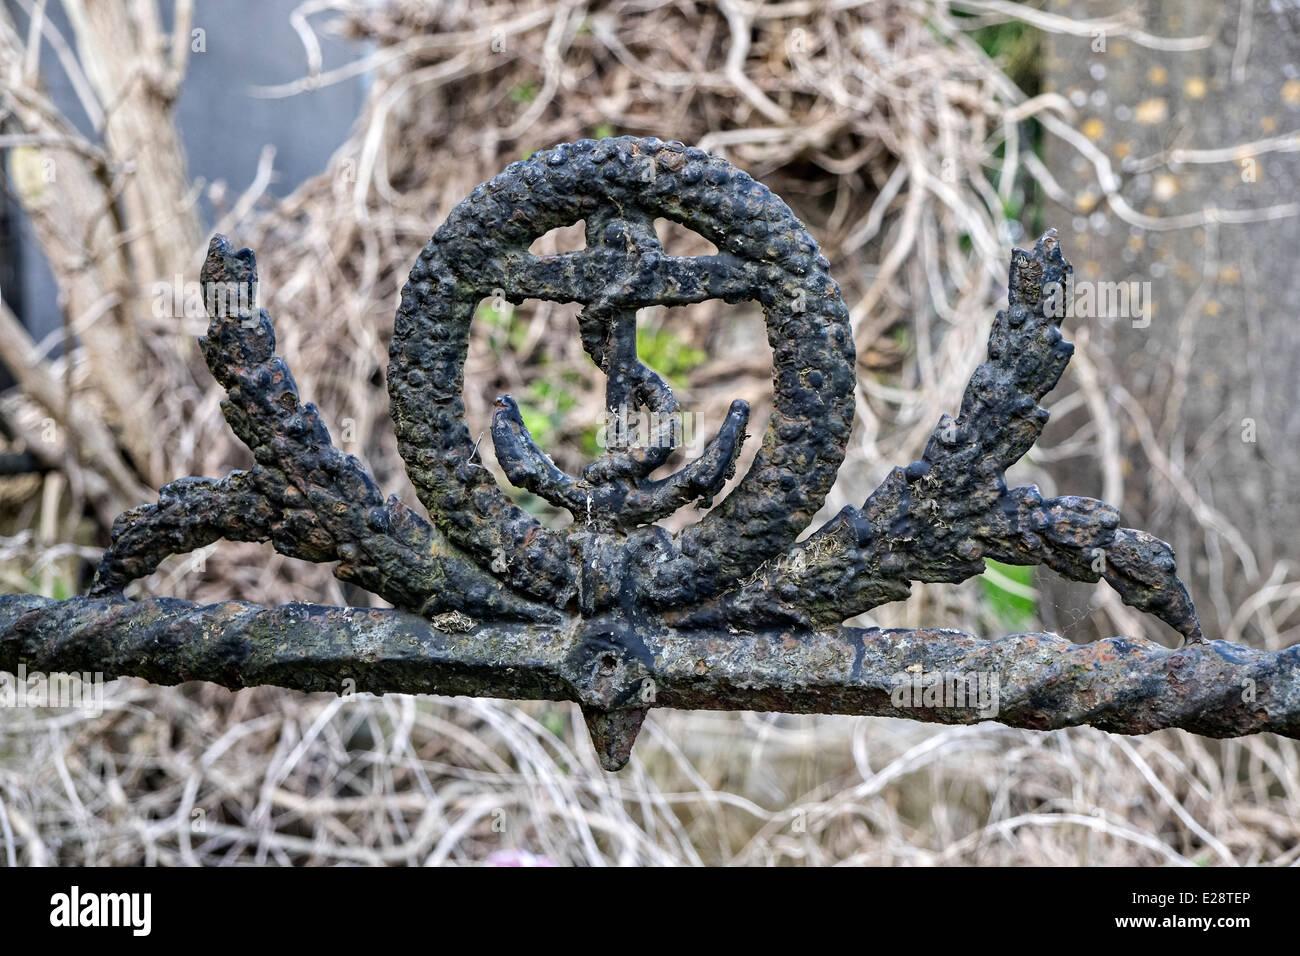 Rostige Schmiedeeisen Bild der Anker Wappen der britischen Royal Navy auf einem Grab in Mornington, co. Louth, Irland Stockbild